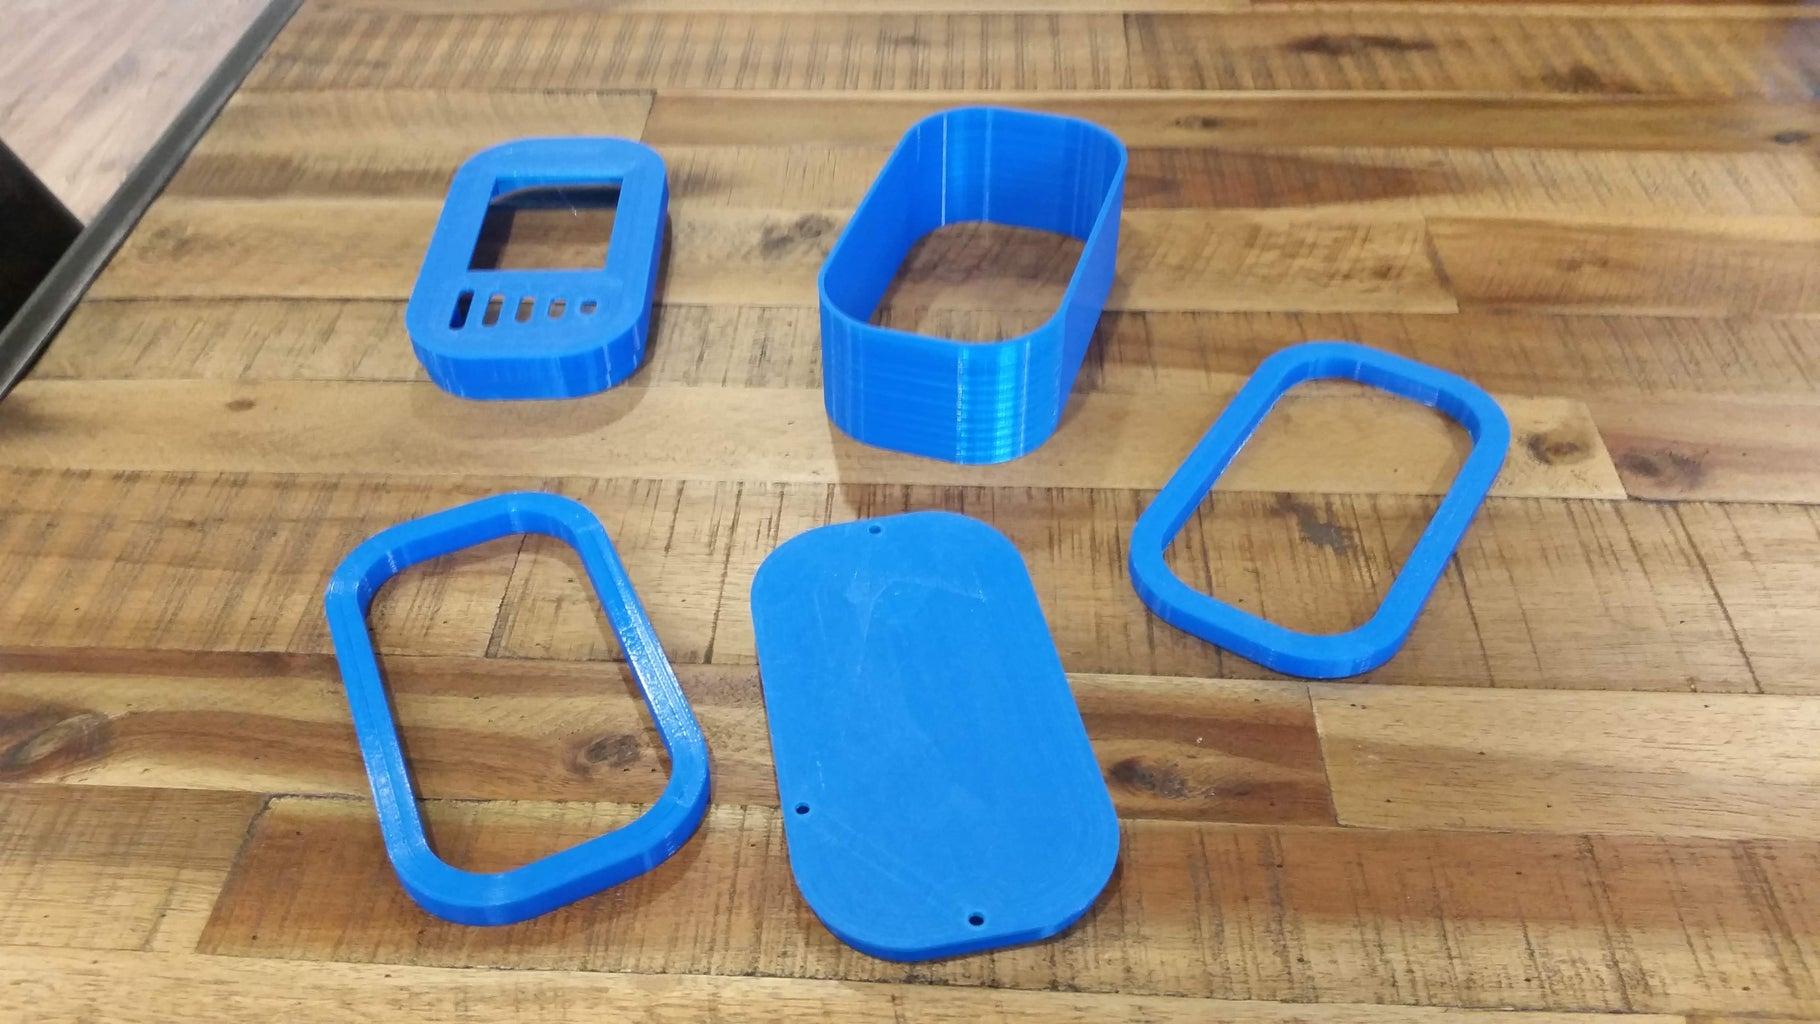 Print the 3D Case